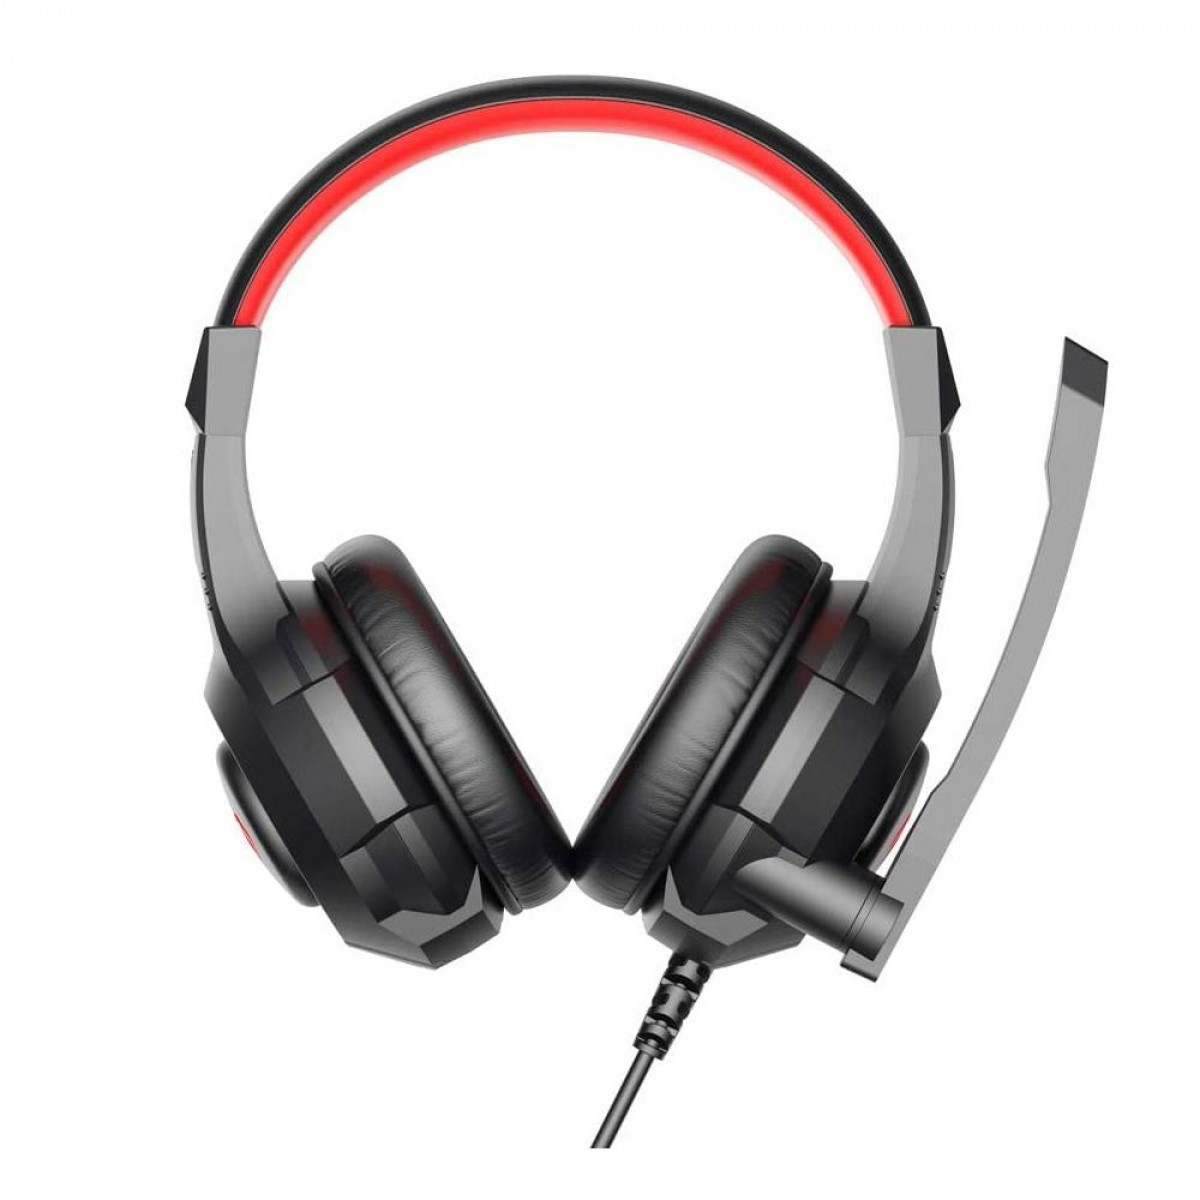 Headset Gamer Havit, USB + P2, Black/Red, H2031D